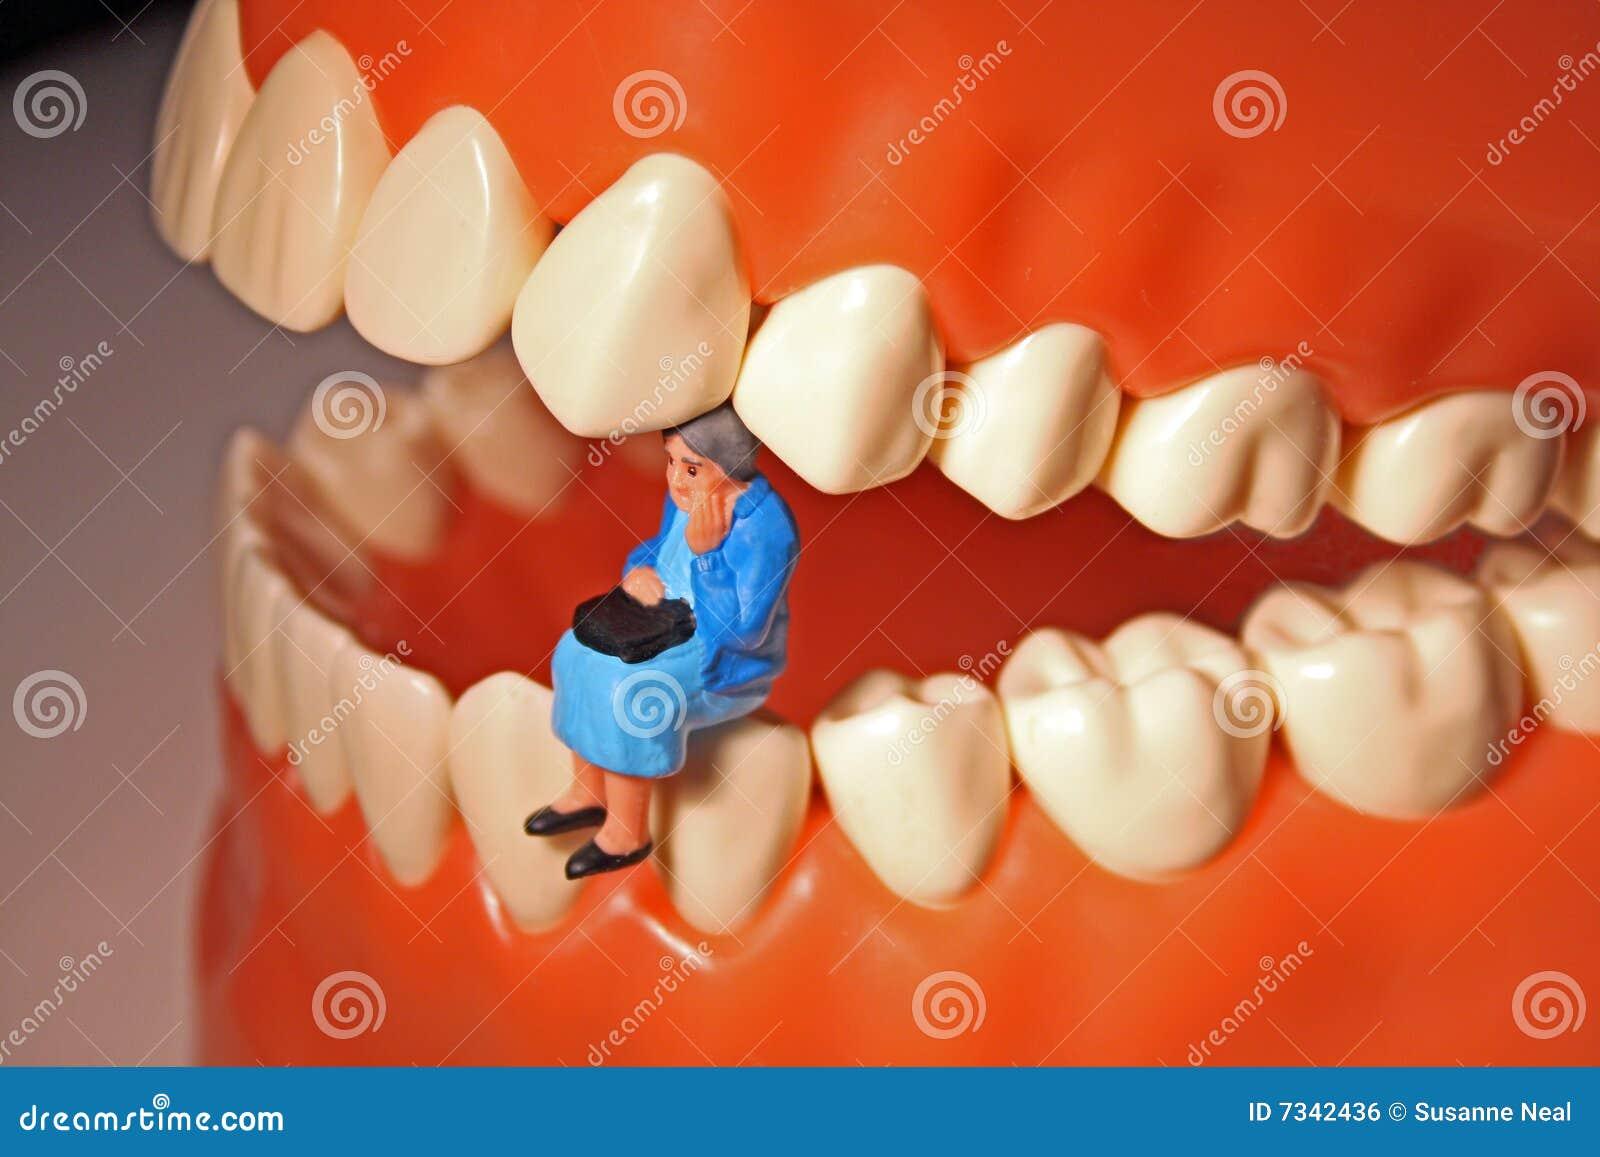 mal de dents ou douleur de dent image libre de droits image 7342436. Black Bedroom Furniture Sets. Home Design Ideas